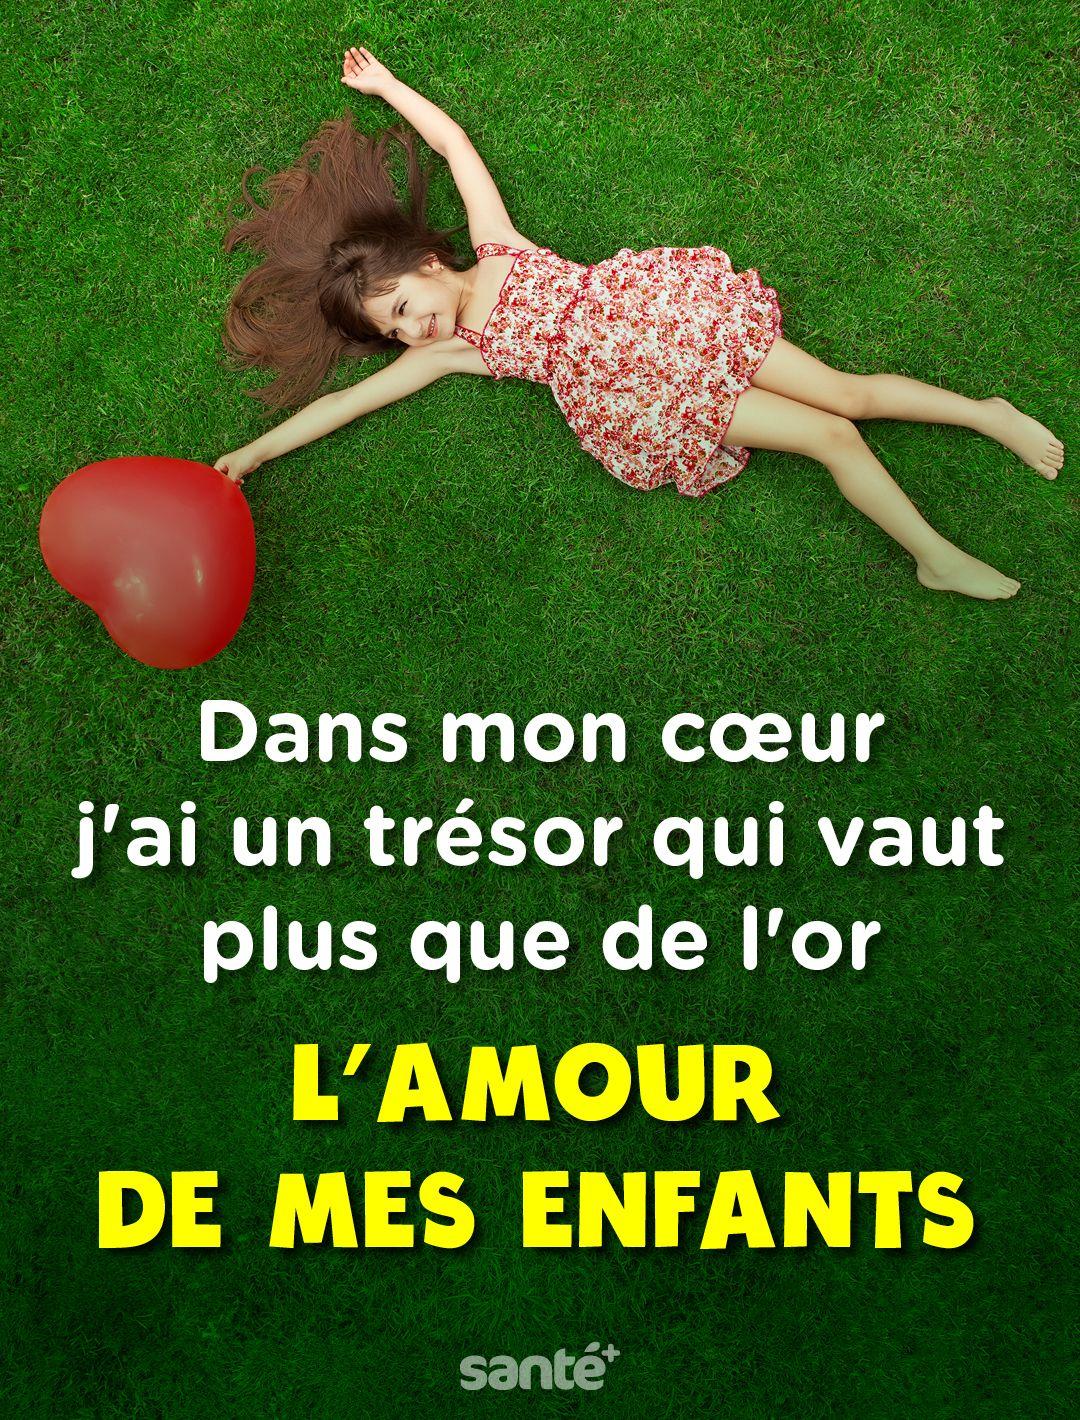 Dans Mon Cœur J Ai Un Tresor Qui Vaut Plus Que De L Or L Amour De Mes Enfants Love My Kids Love Technician